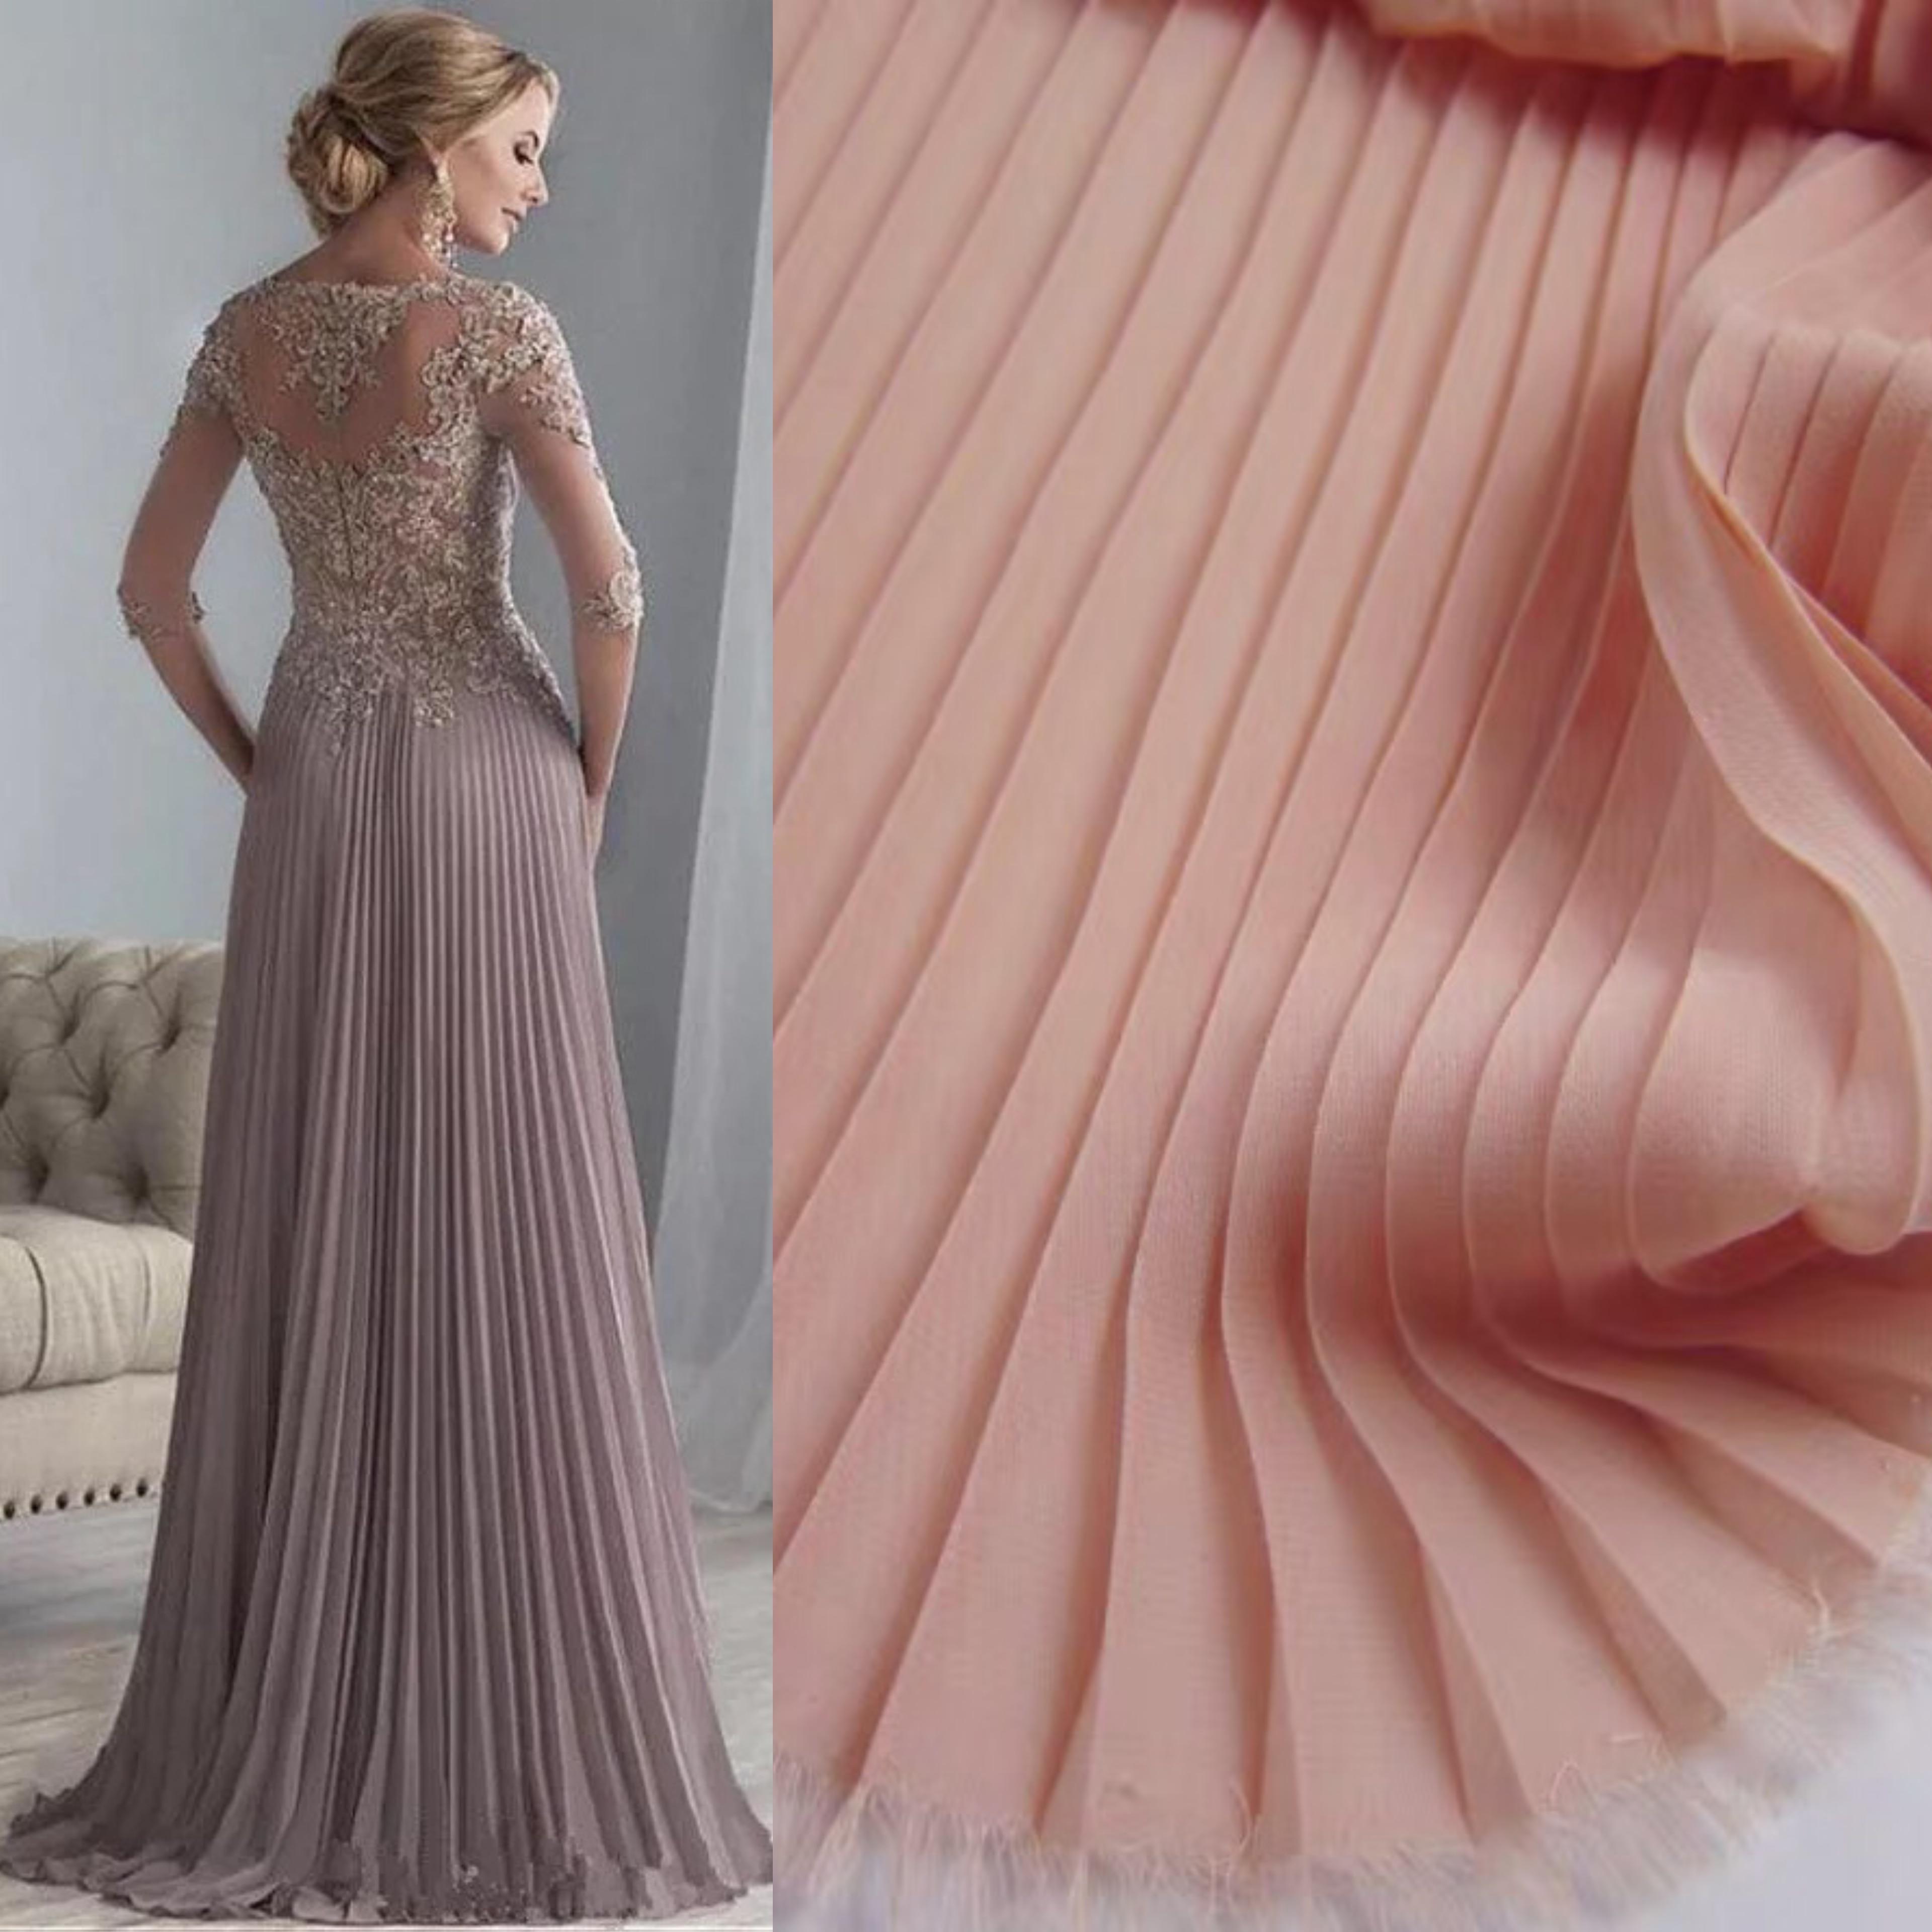 Плиссированная ткань для платья, голая шифоновая панель, плиссированная ткань для гармошки, шифоновая ткань для гармошки Ткань      АлиЭкспресс